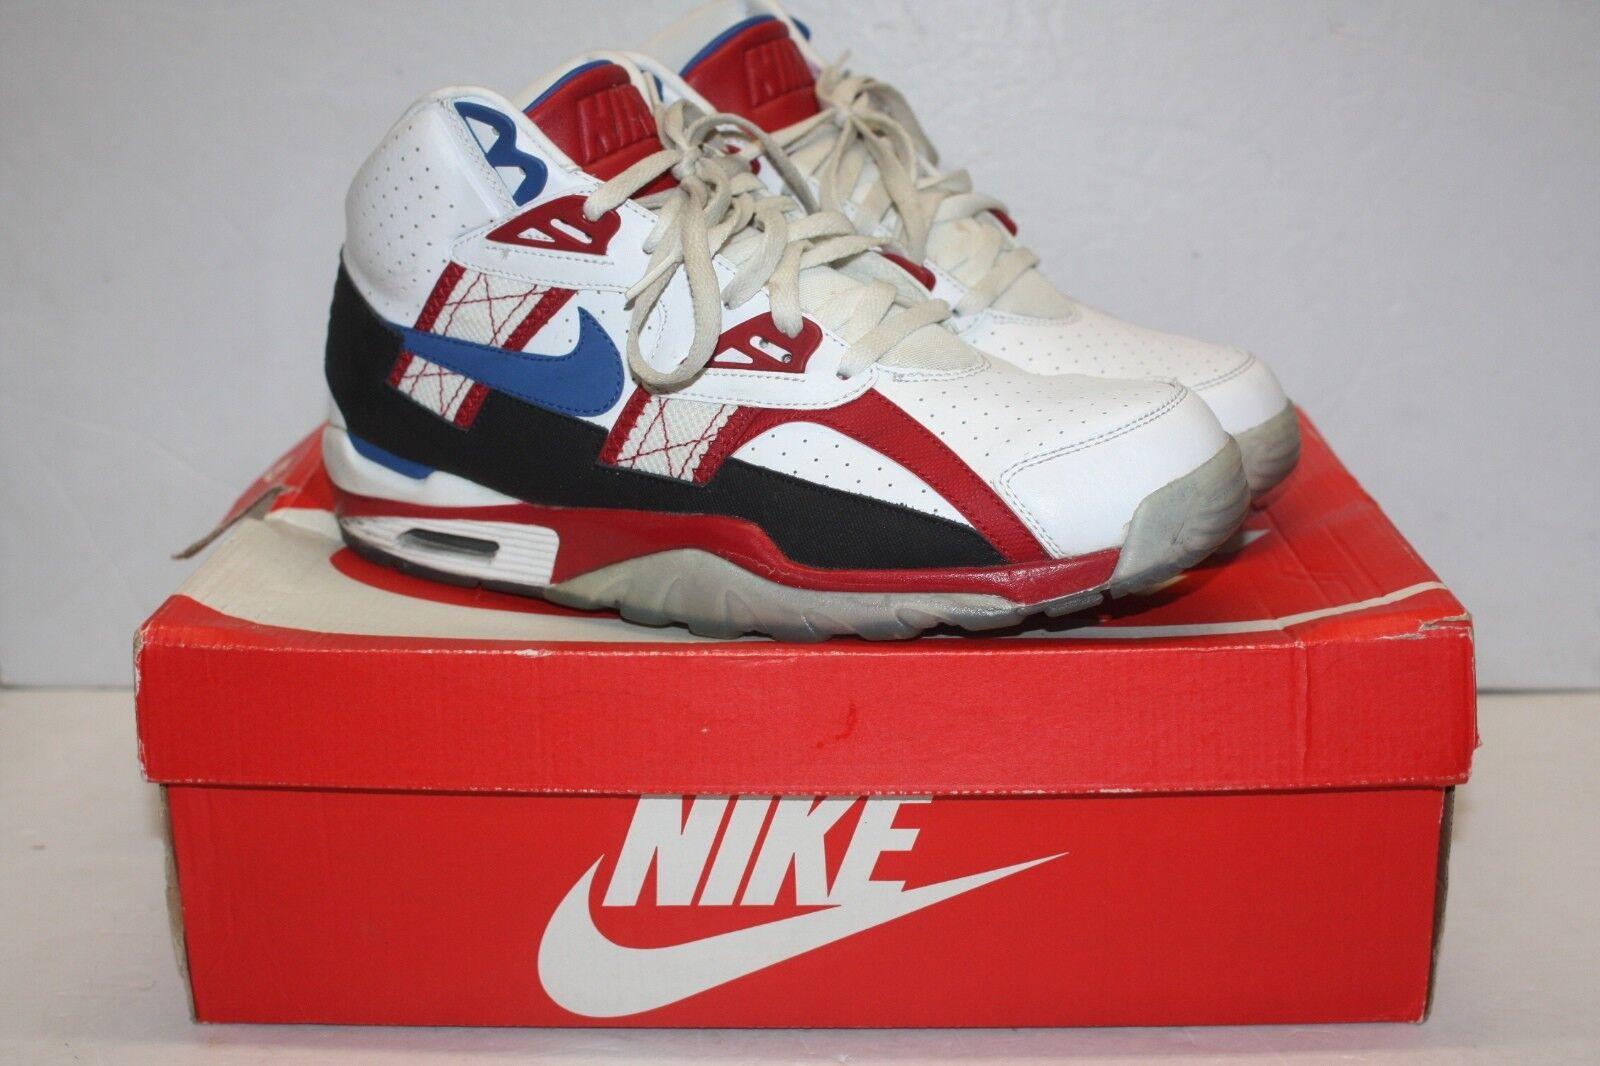 Nike air trainer sc alta il hockey qs bo sa hockey il bianco rosso - blu 811648 146 46 607996